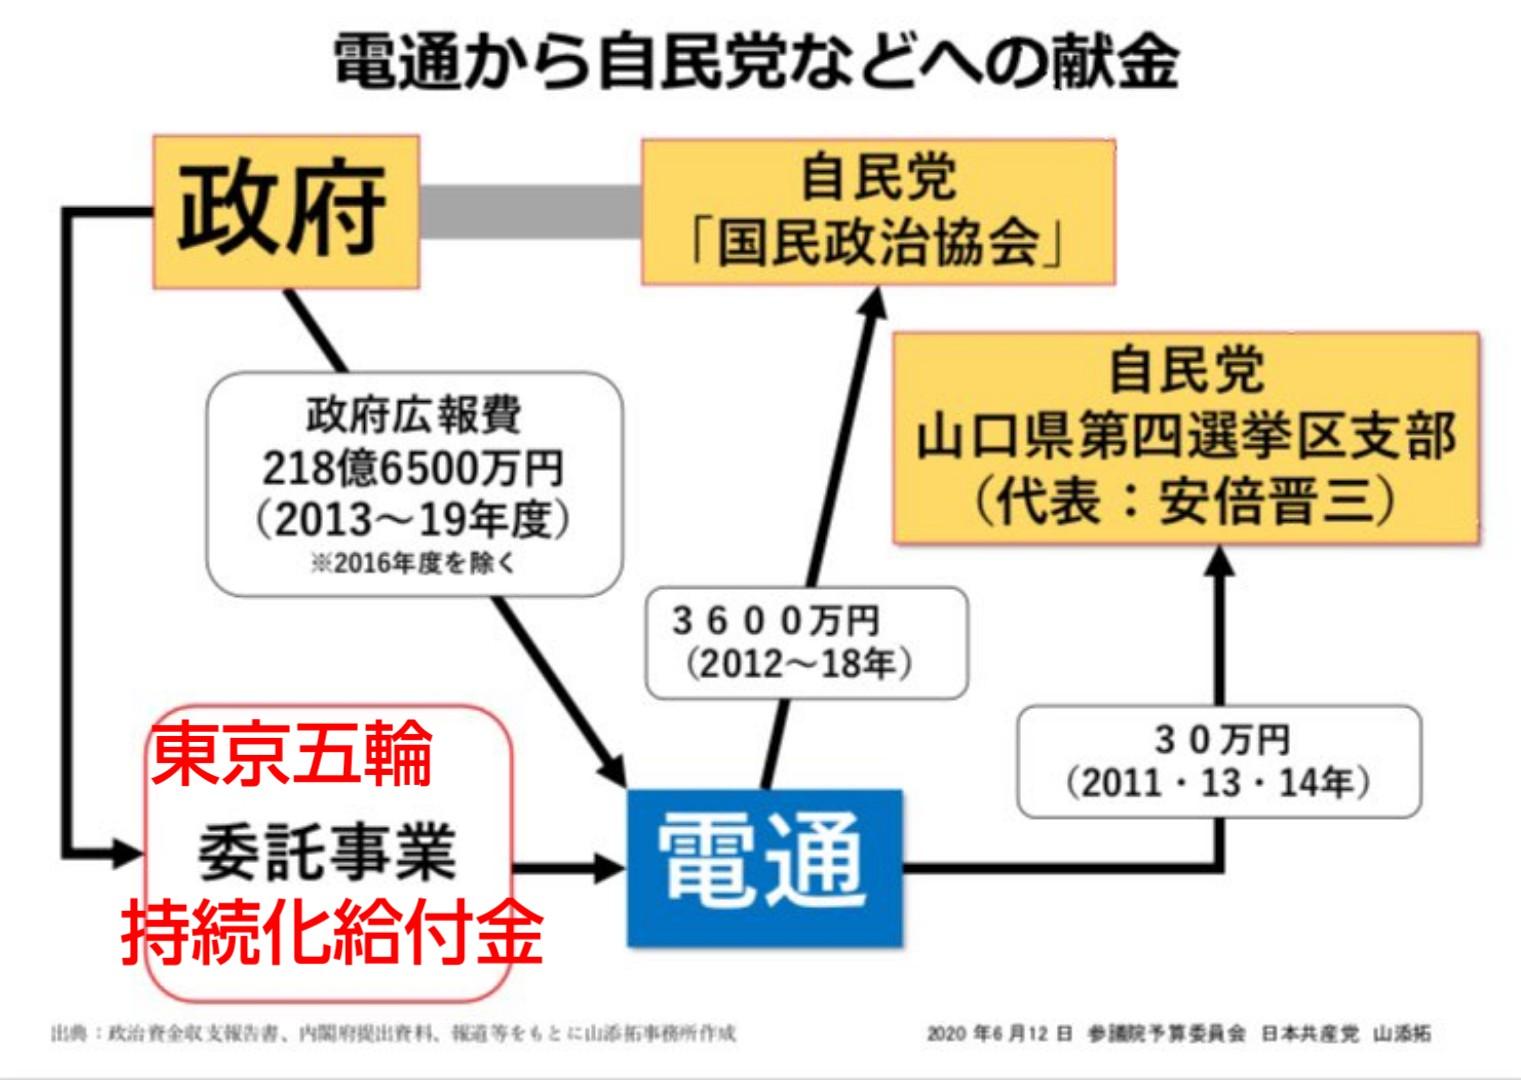 【一体なぜ…】安倍晋三、あんなにハシャいでたのに「東京五輪ツイート」いまだにゼロ 開会式に出席せず、メダル獲得にも言及なし